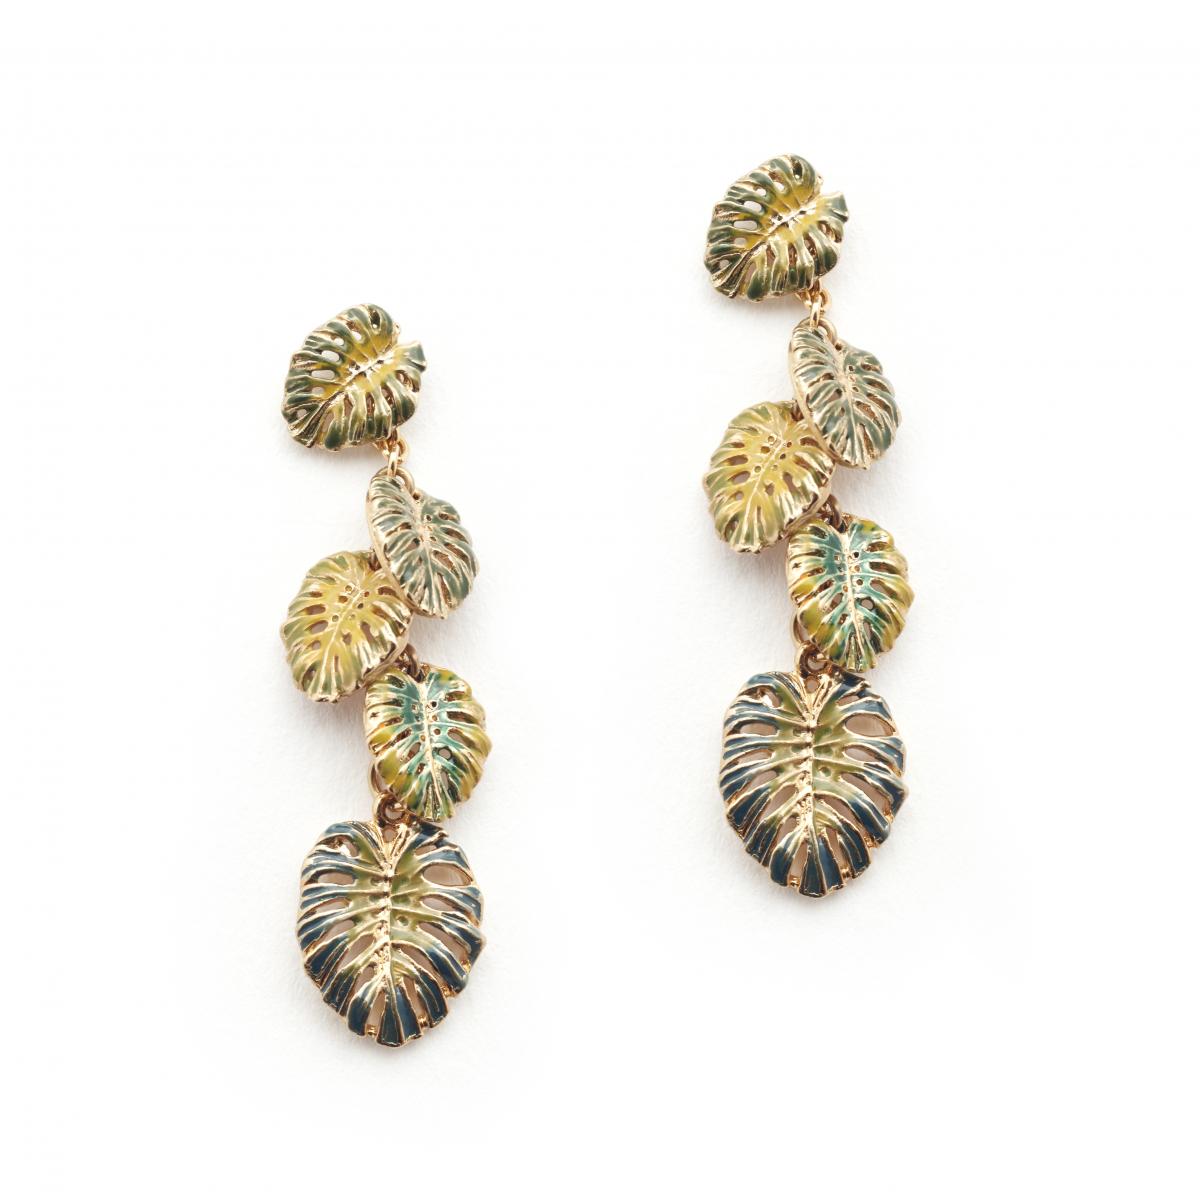 Tropical Leaf Charm Earrings